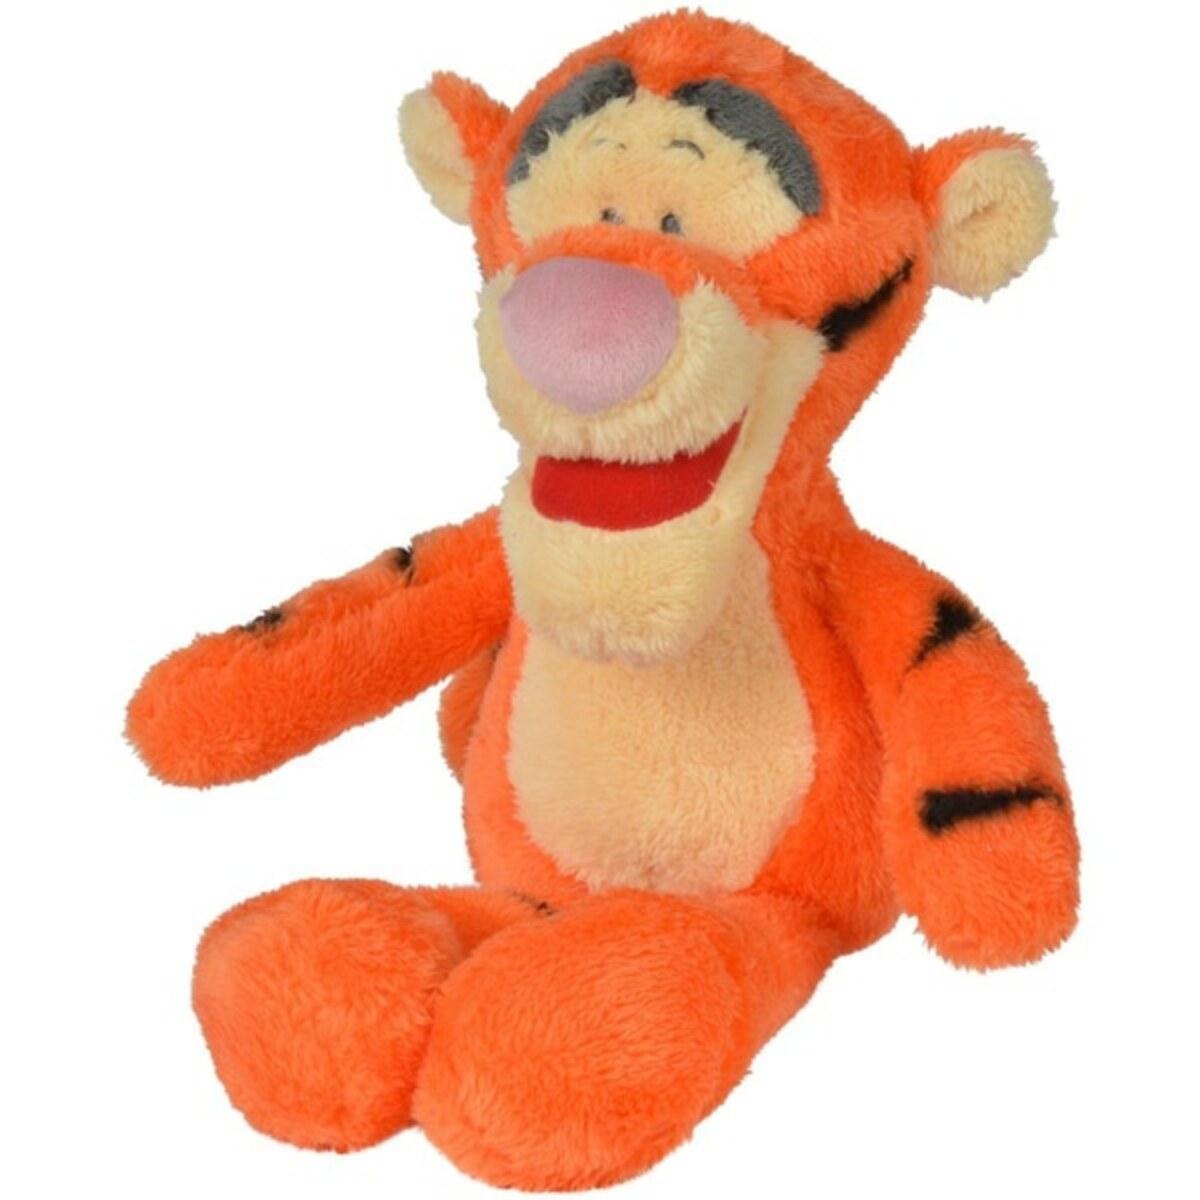 Bild 1 von Simba - Winnie Puuh: Schlenkerpuppe, ca. 25 cm, sortiert